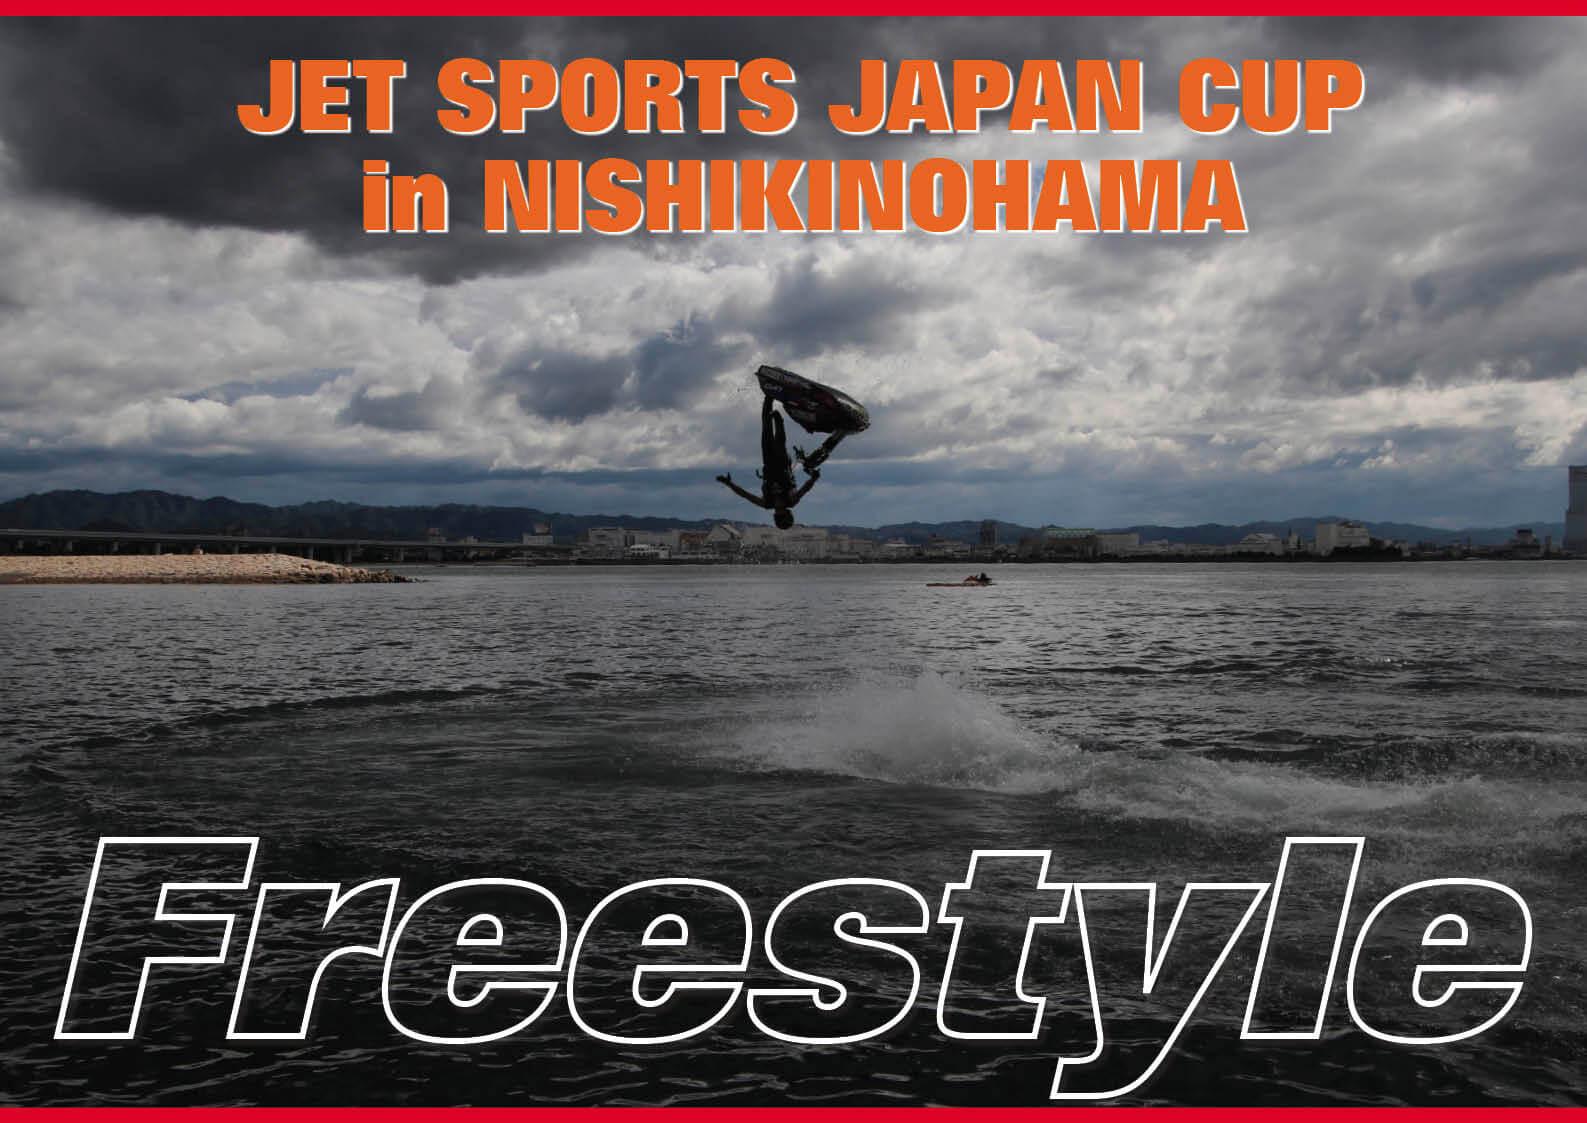 2020年 フリースタイル「JET SPORTS JAPAN CUP in NISHIKINOHAMA」開催 水上バイク(ジェットスキー)